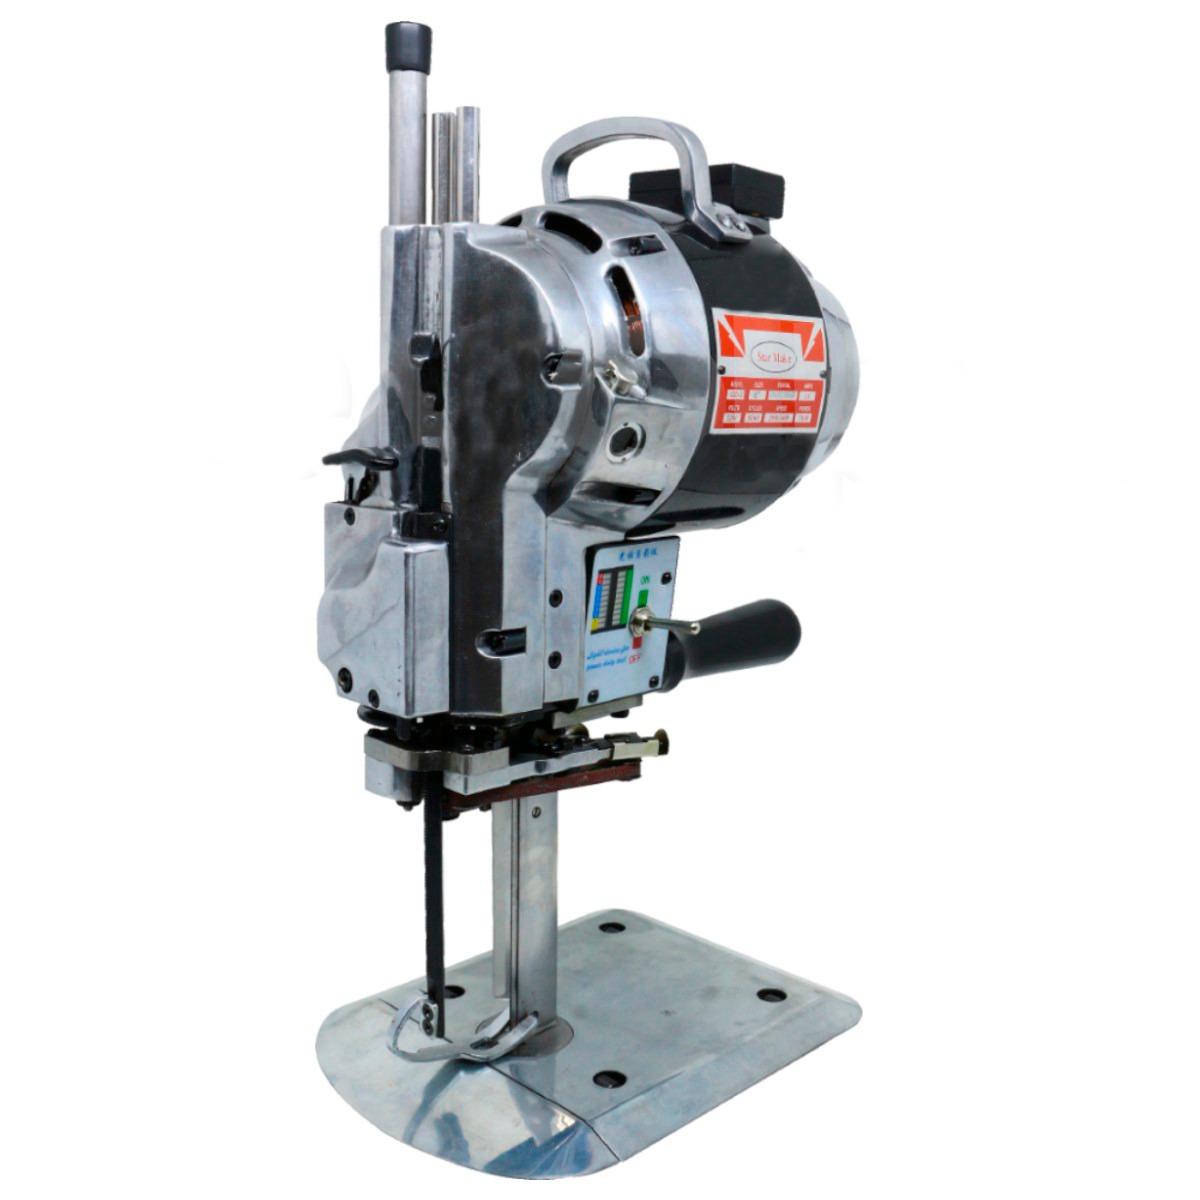 Maquina De Corte Faca Cortar Tecido 10 Polegadas 750w